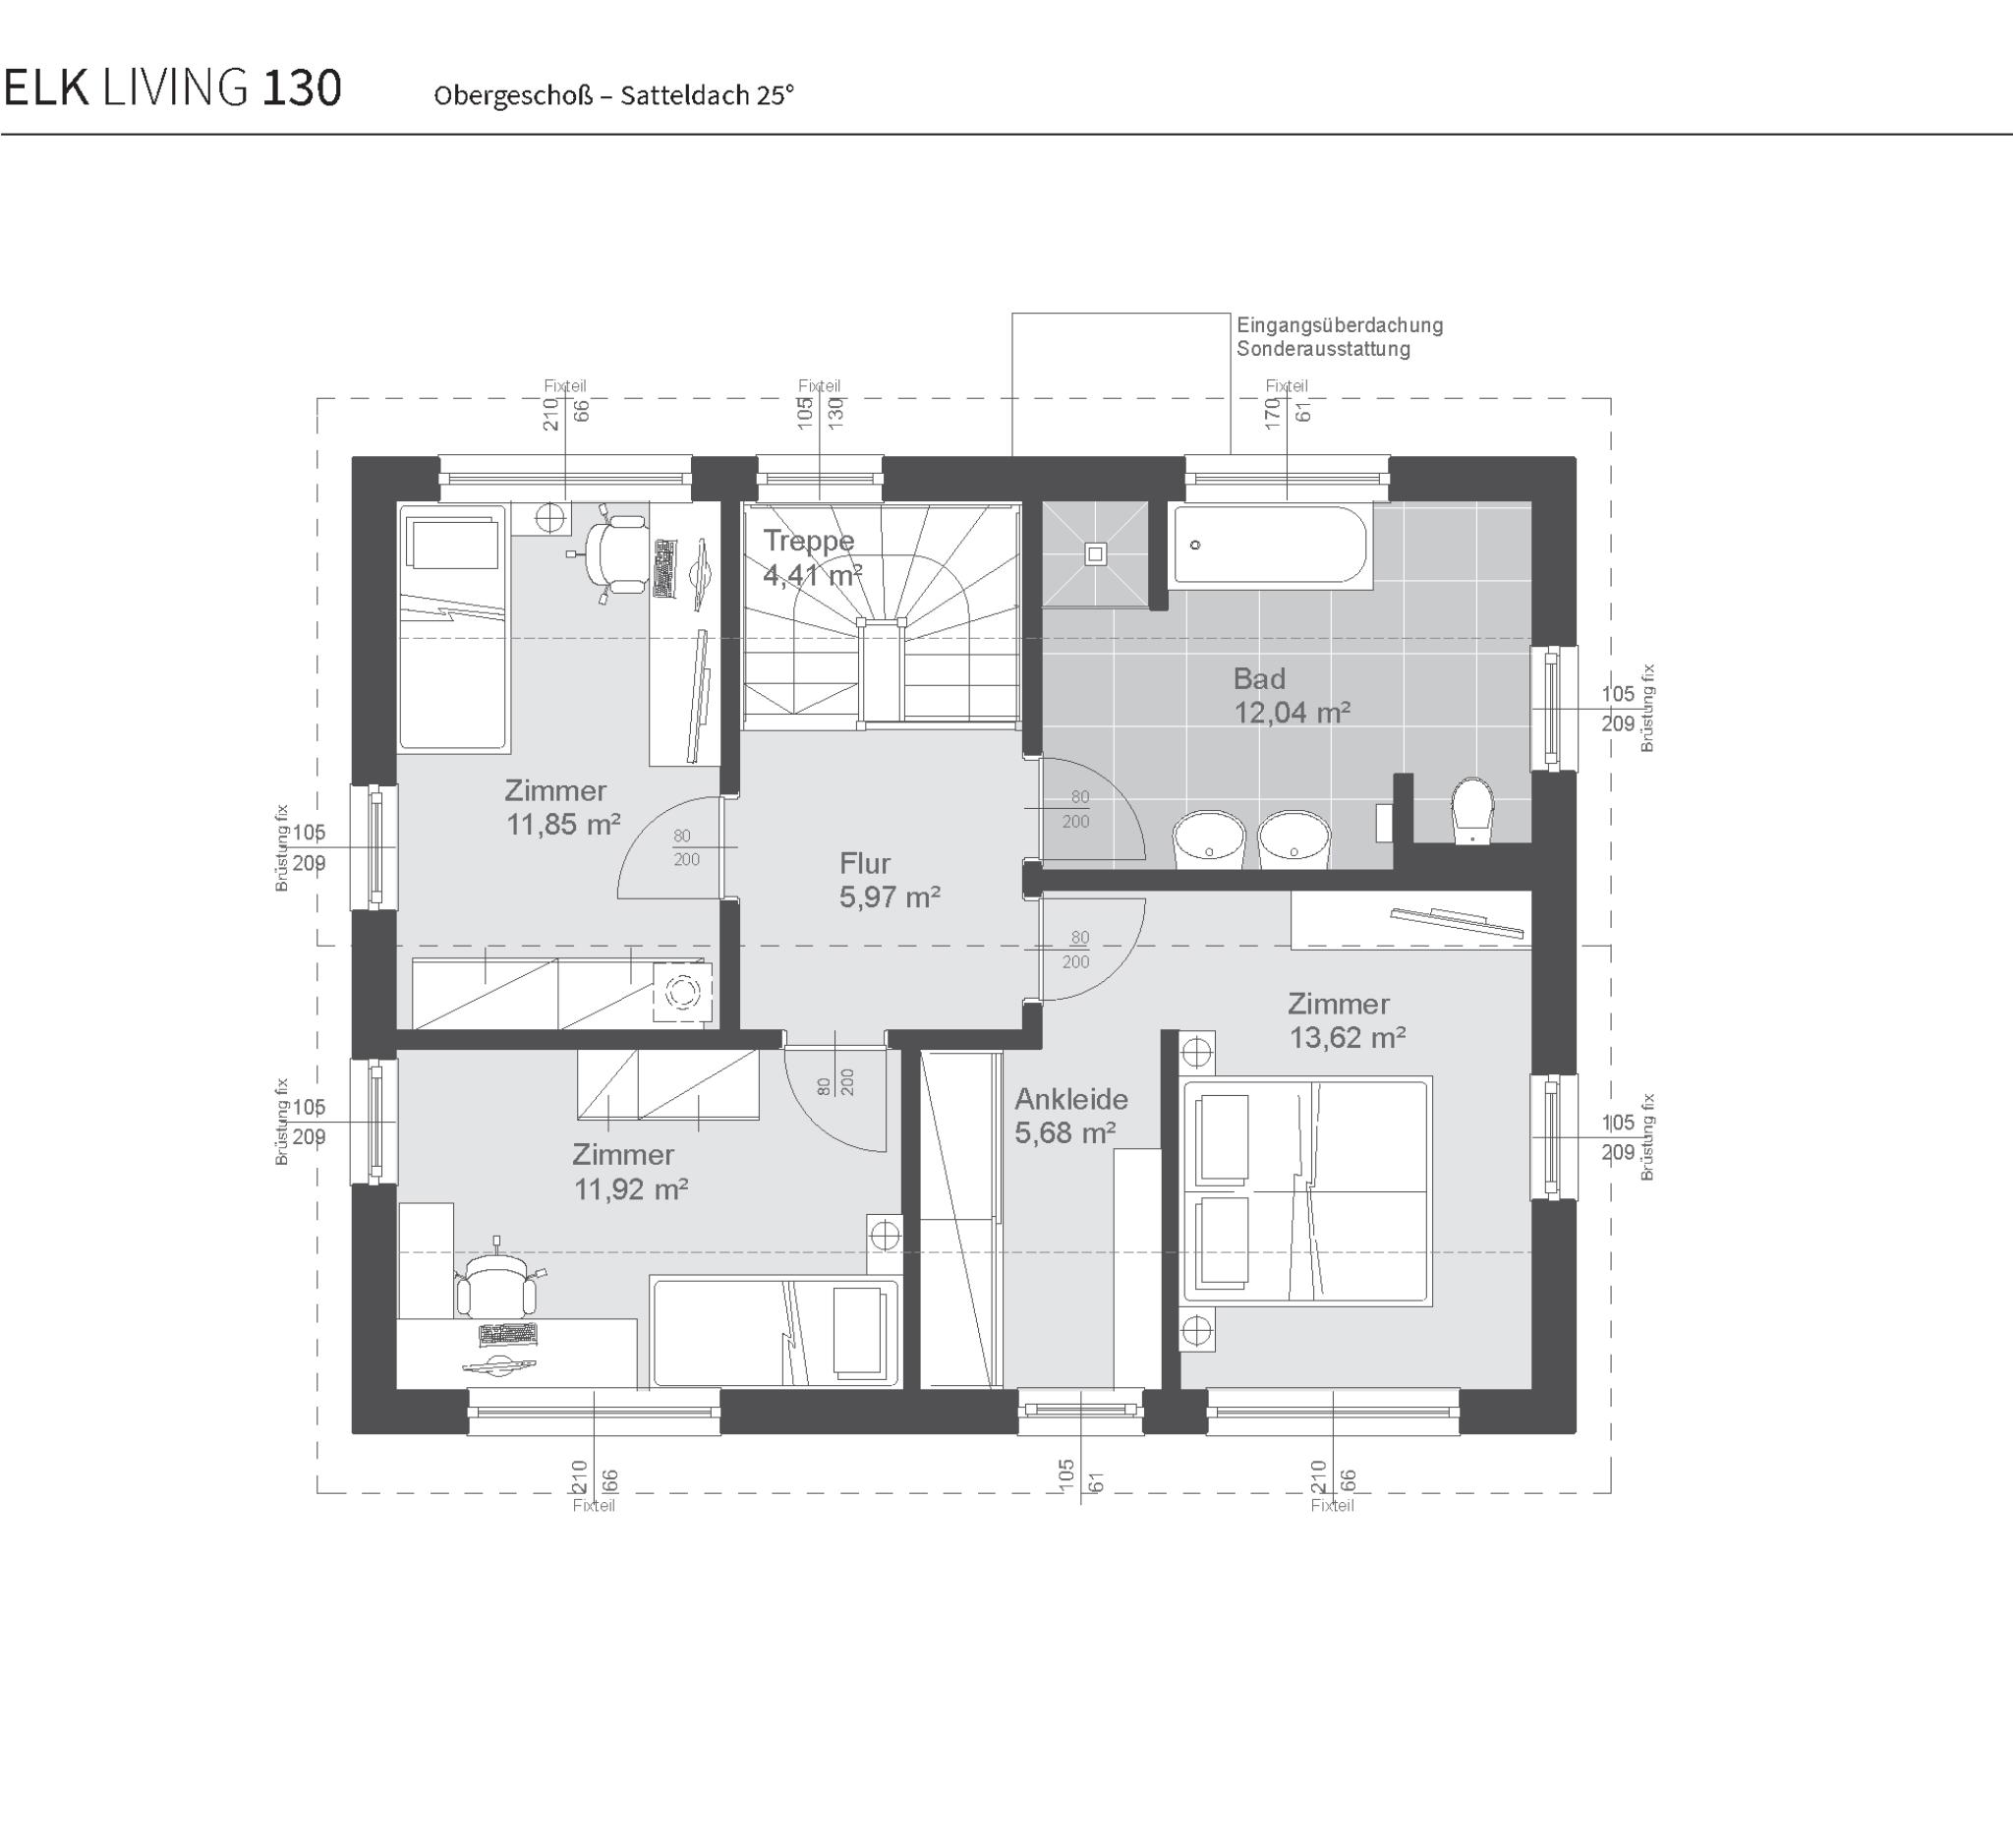 grundriss-fertighaus-elk-living-130-obergeschoss-satteldach25